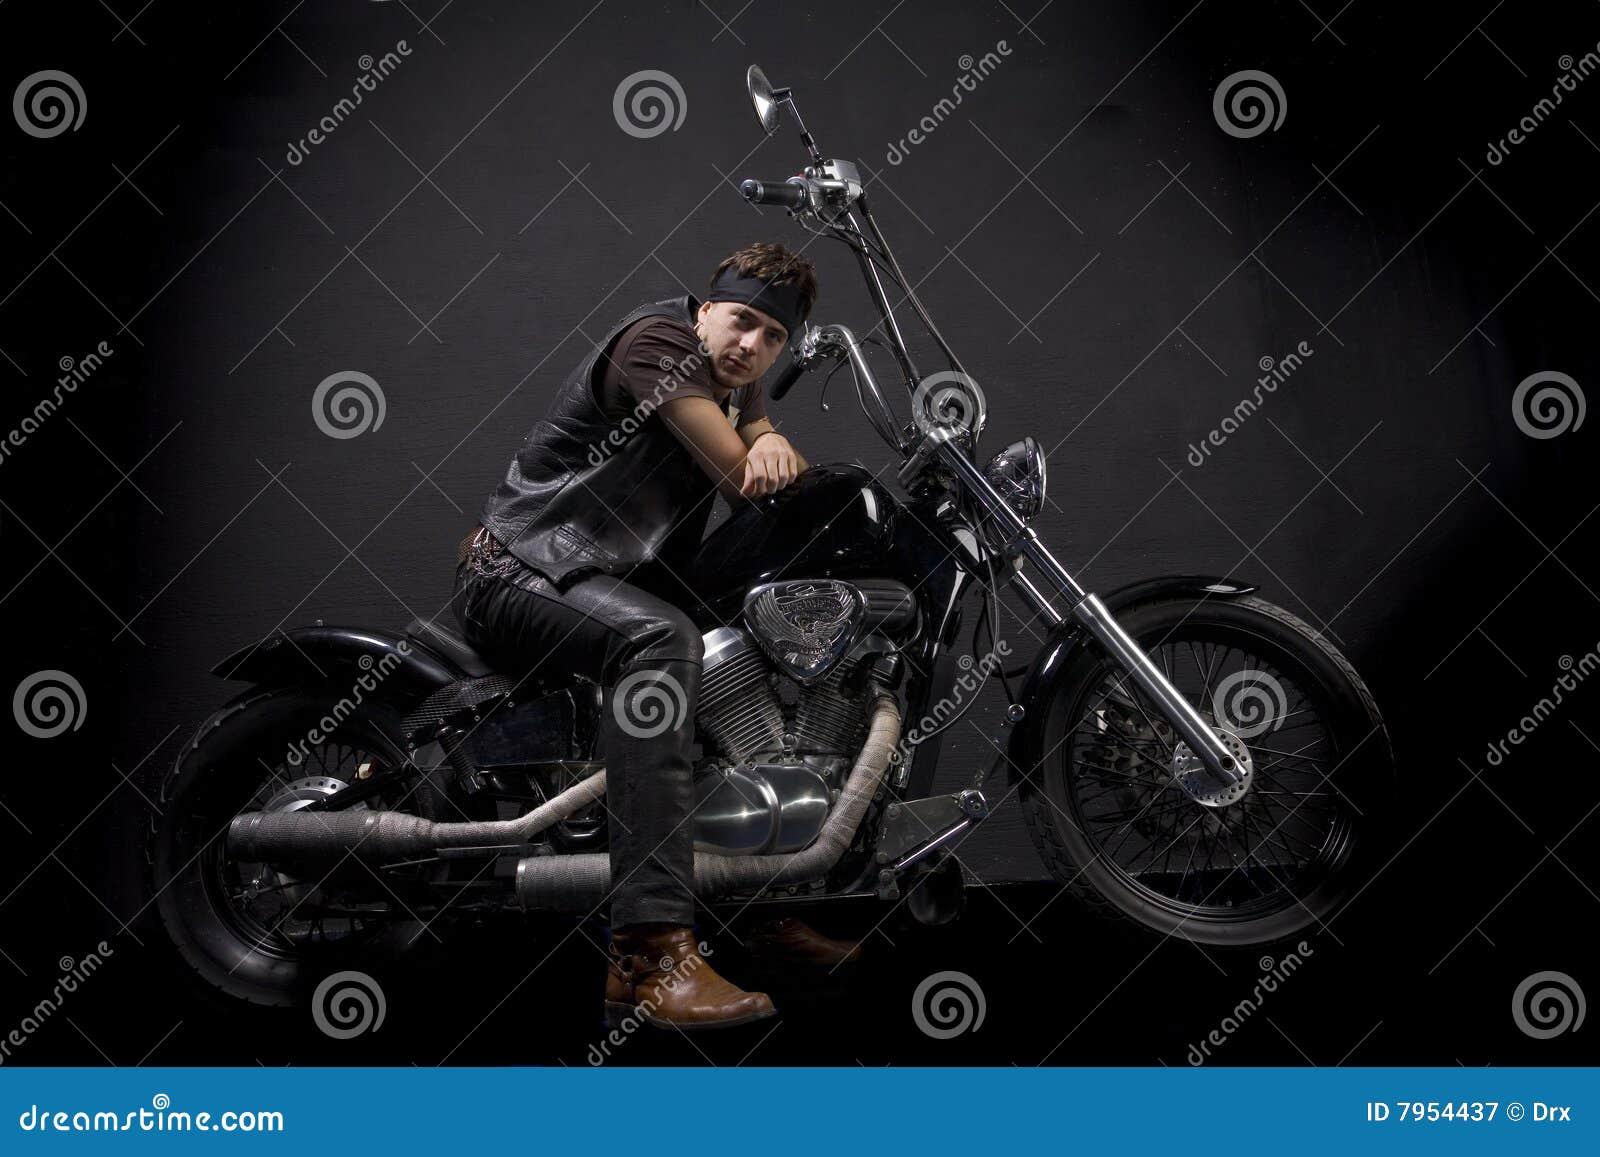 砍刀摩托车车手